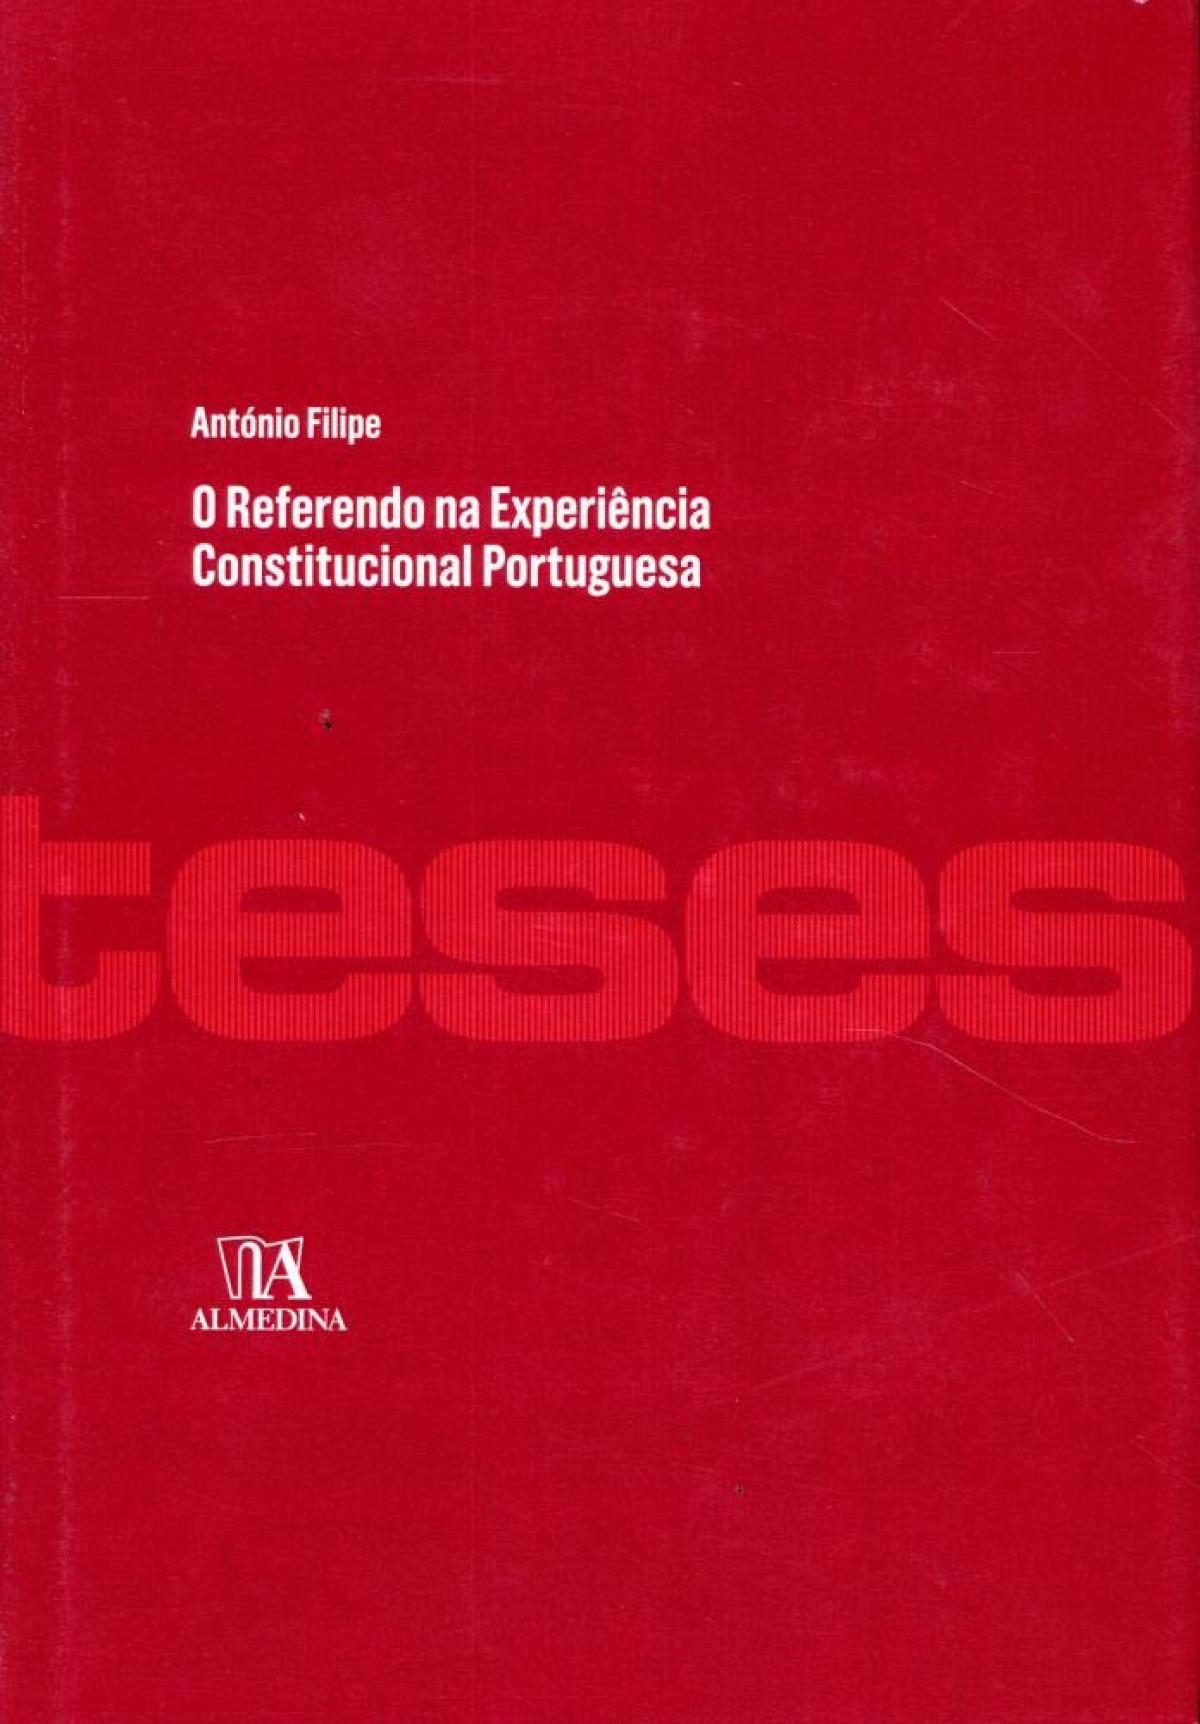 REFERENDO NA EXPERIENCIA CONSTITUCIONAL PORTUGUESA